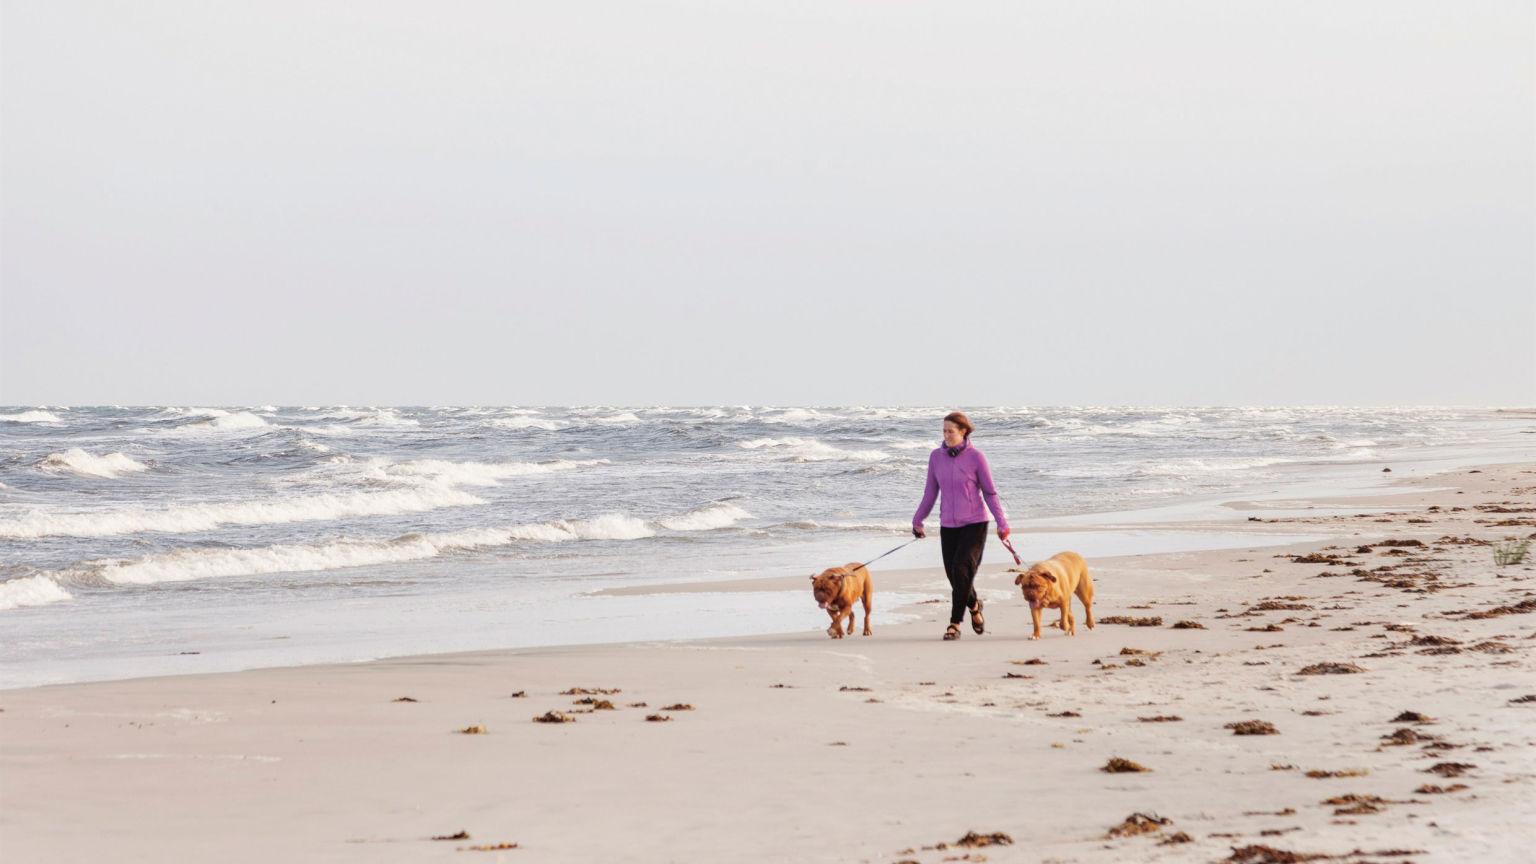 En medelålders kvinna går på en strand med två hundar.